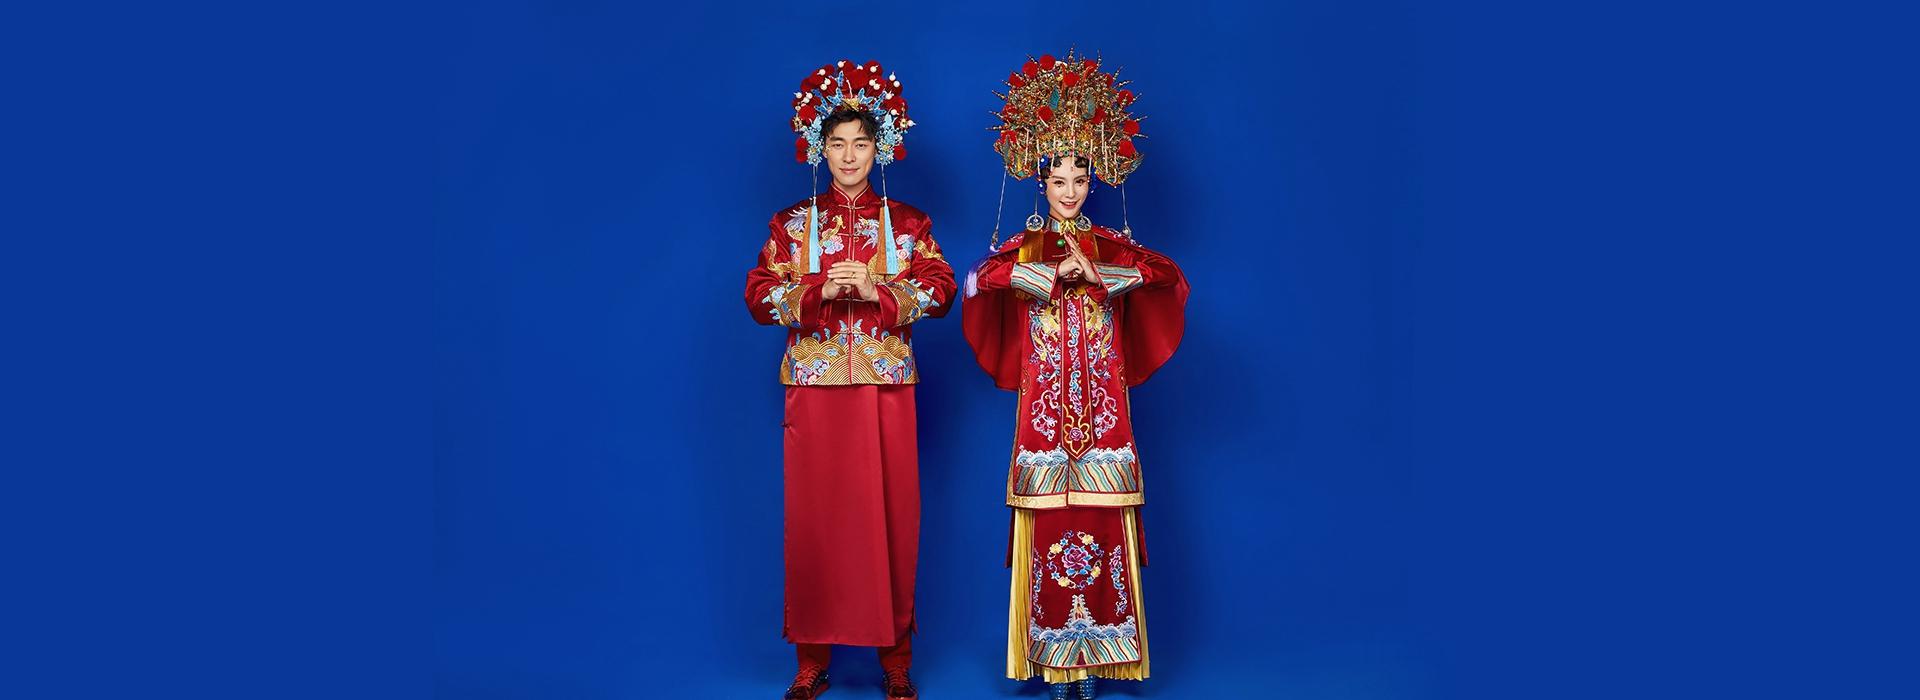 页头广告-全球旅拍-中国新娘